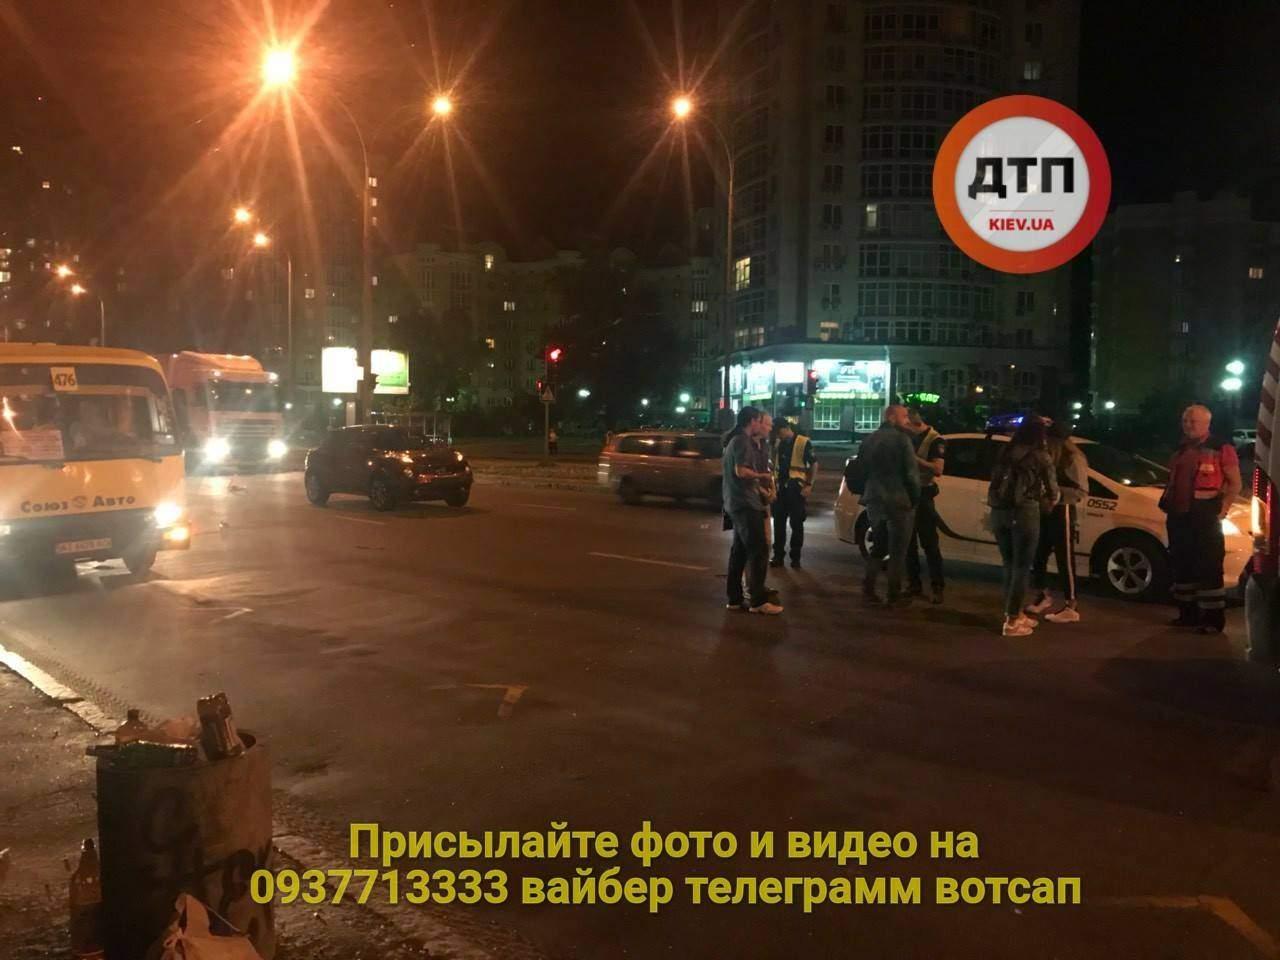 В столице девушка перебегала дорогу в неположенном месте и угодила под автомобиль (фото)